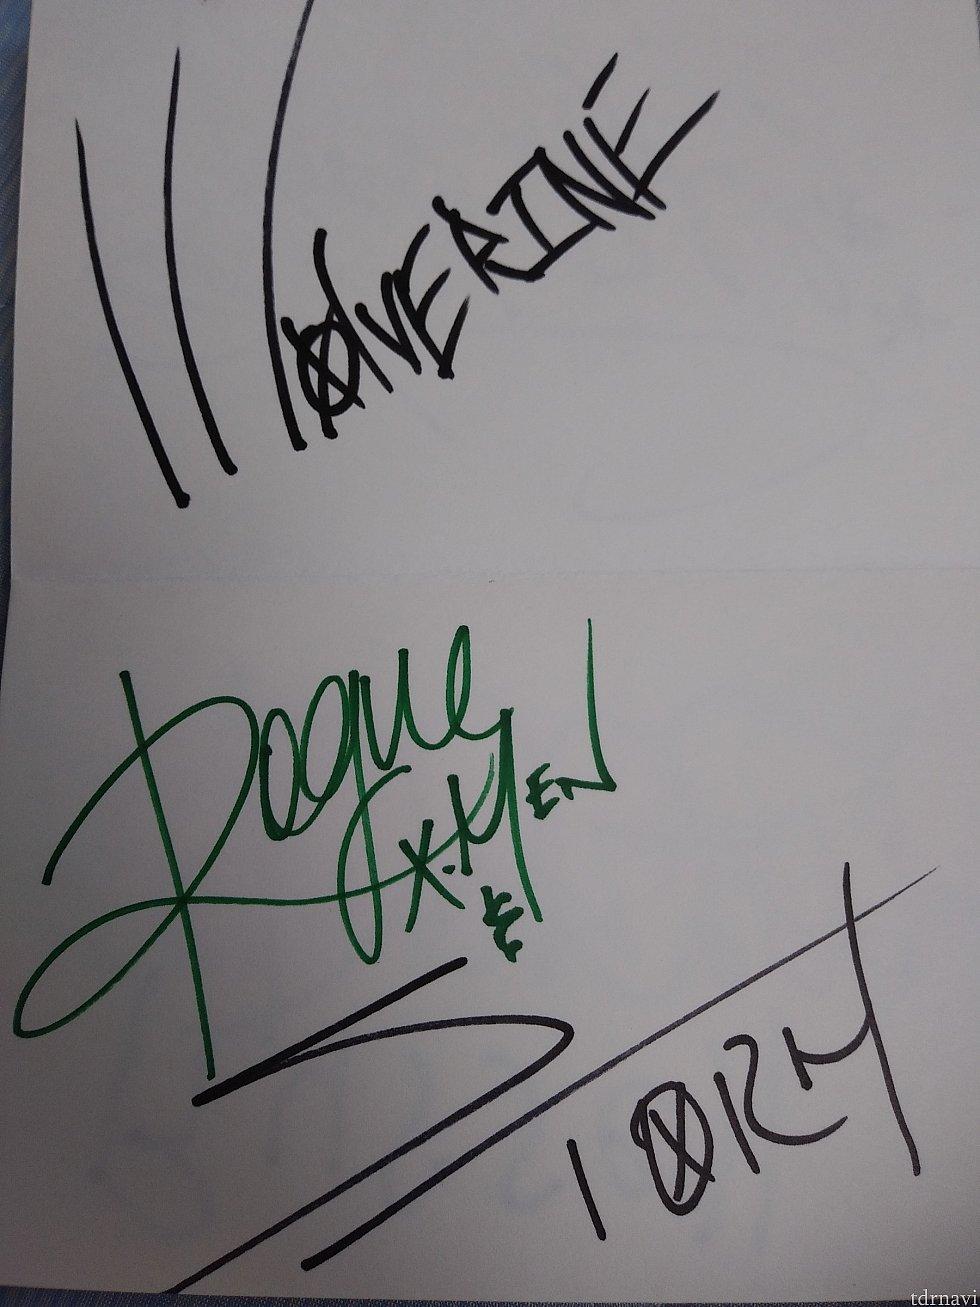 ウルヴァリン、ローグ、ストームのサインです。